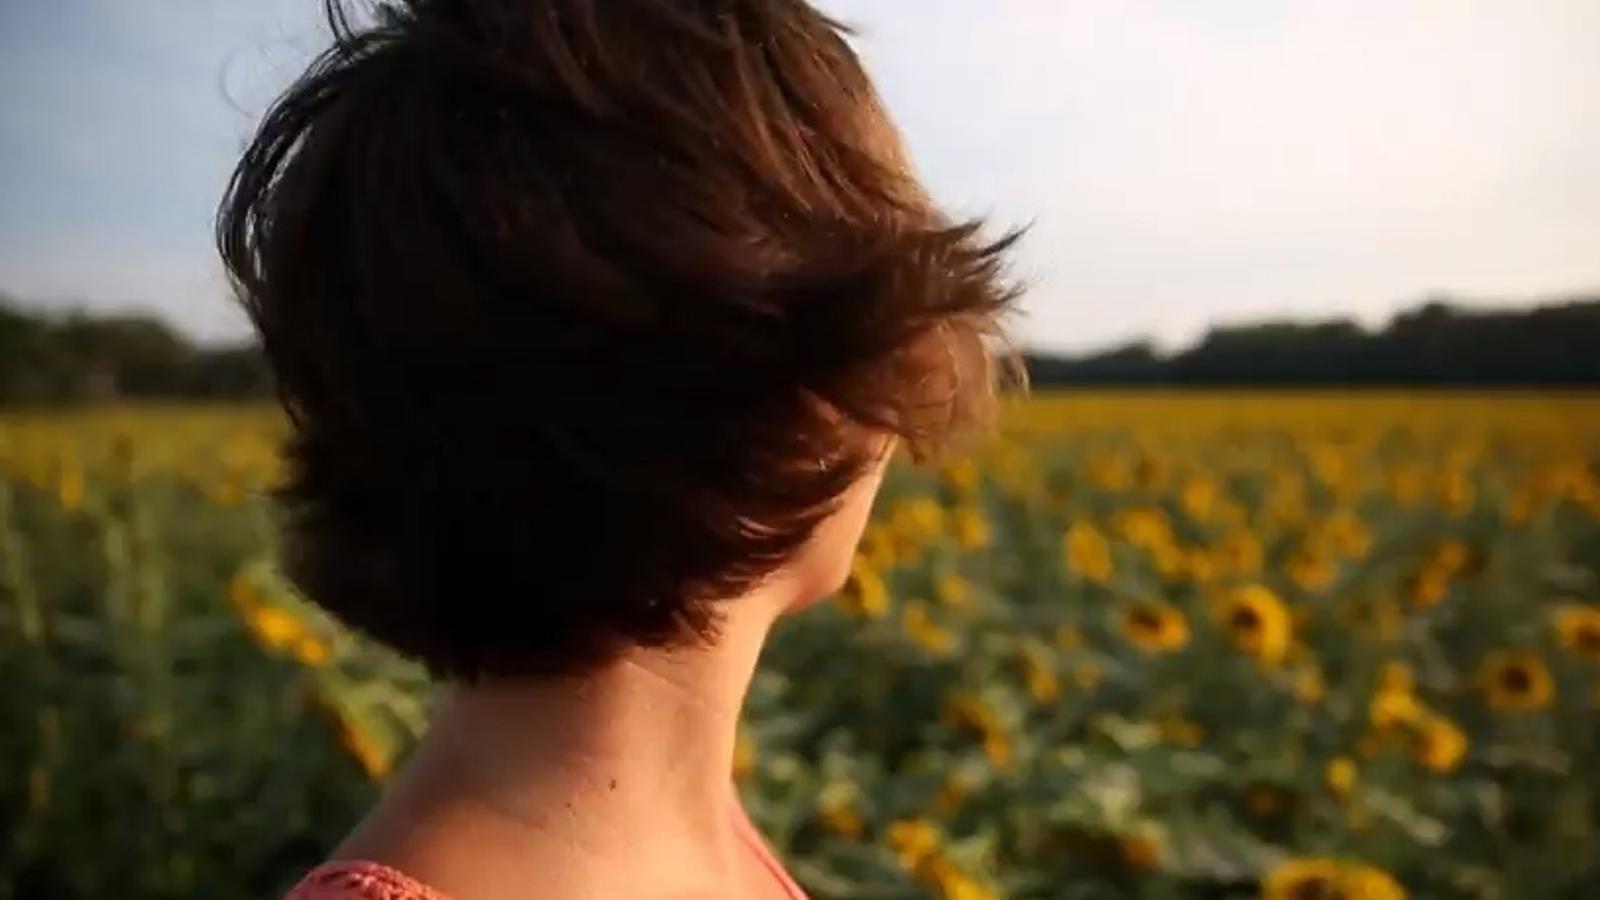 'La lletra que canviarà la nostra història', el vídeo que crida a participar en la V